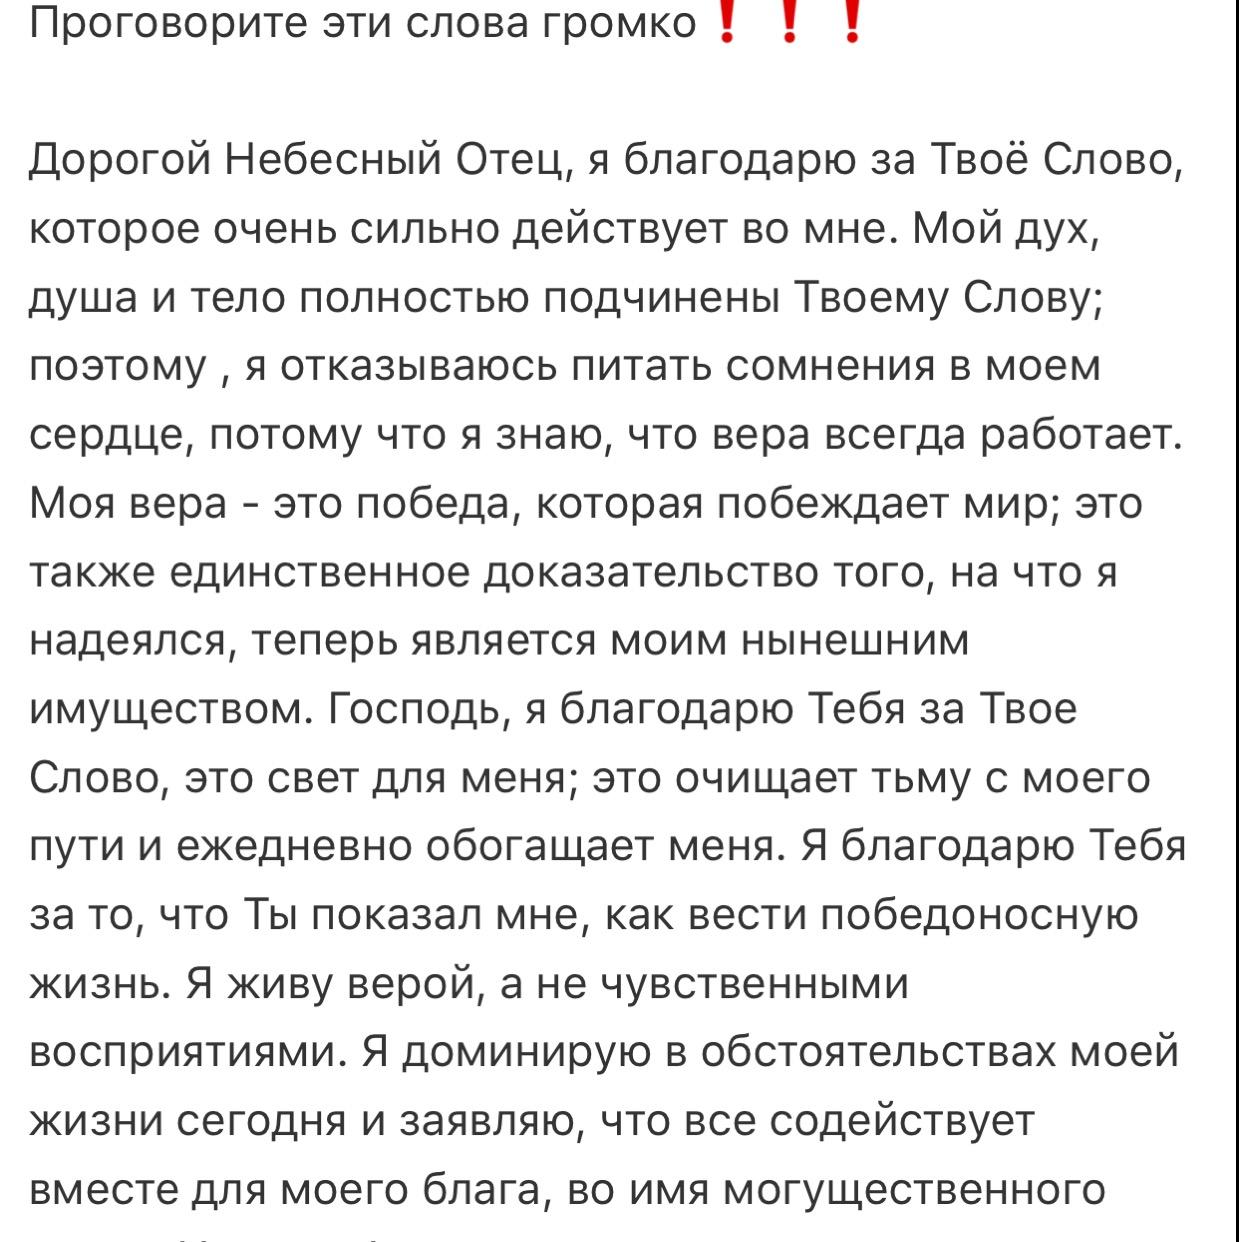 #Russia Скажите это громко!!!